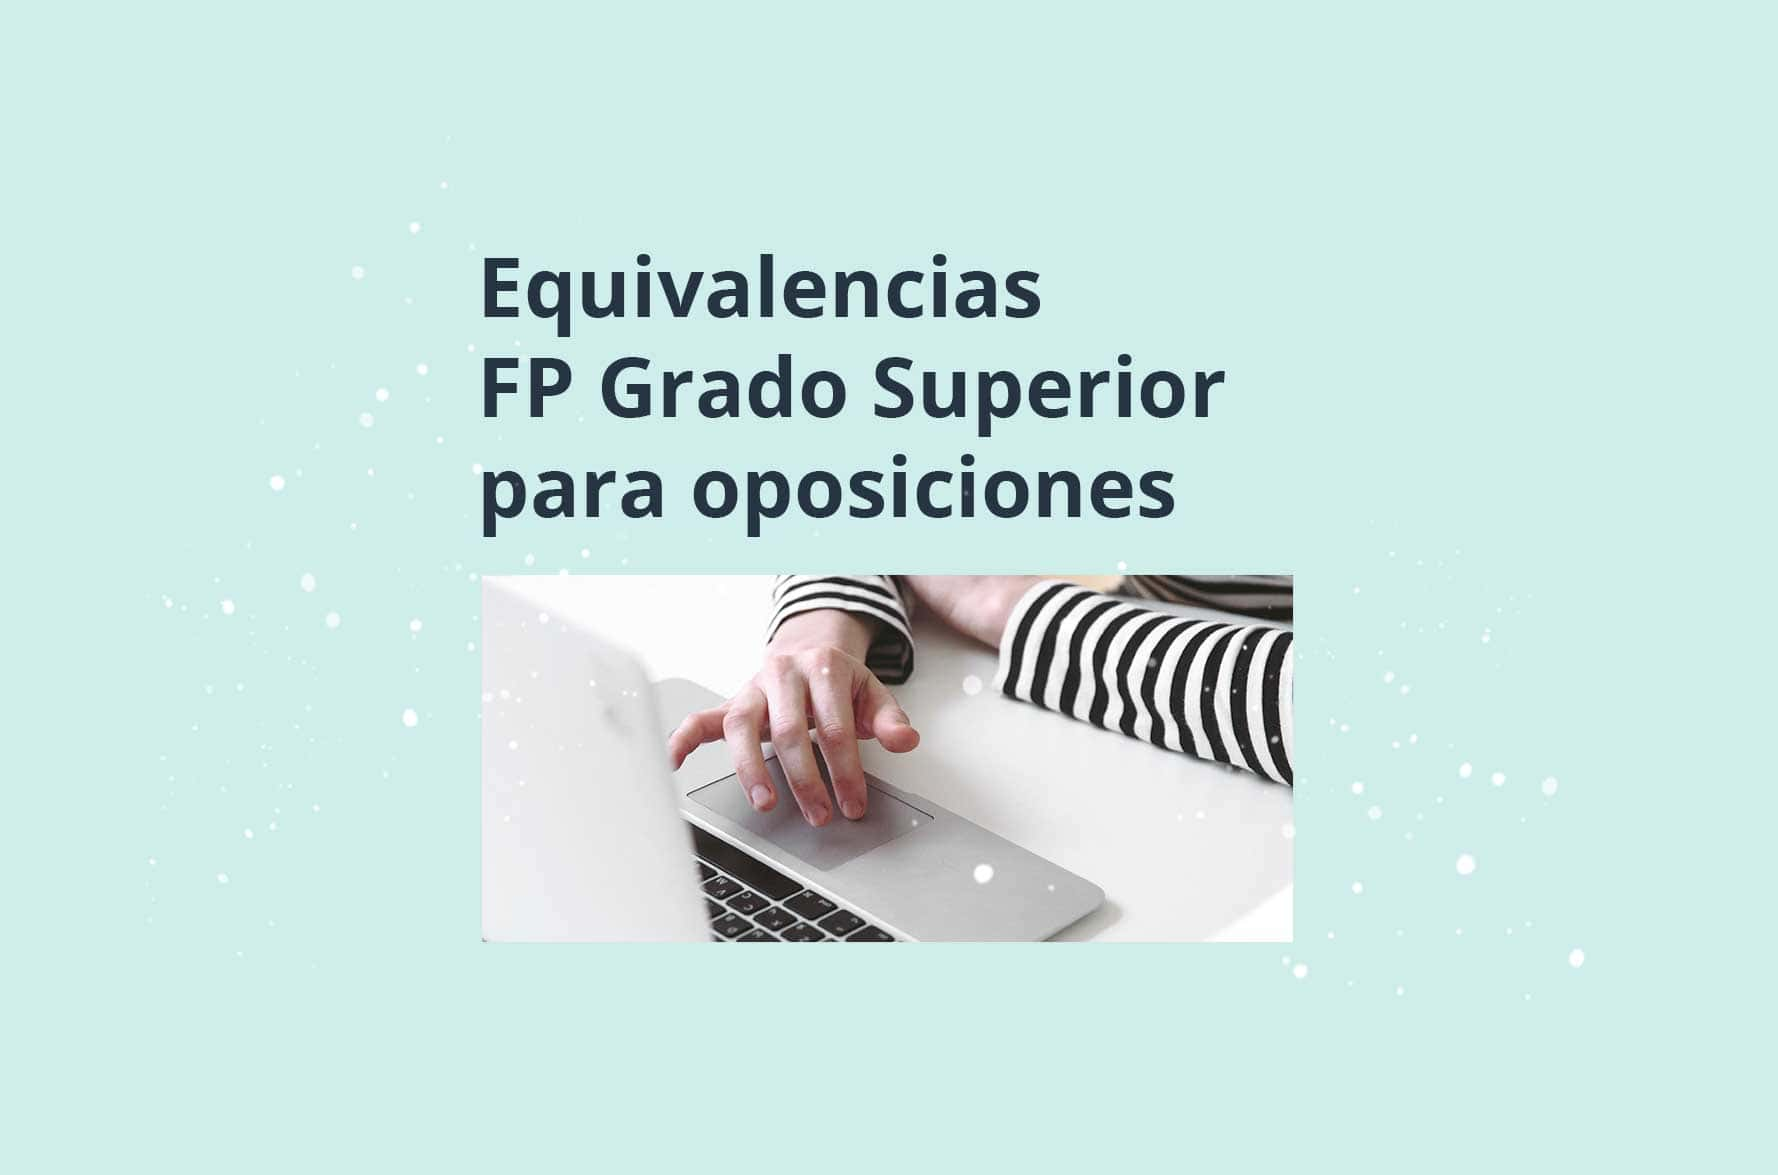 equivalencia-fp-grado-superior-gokoan